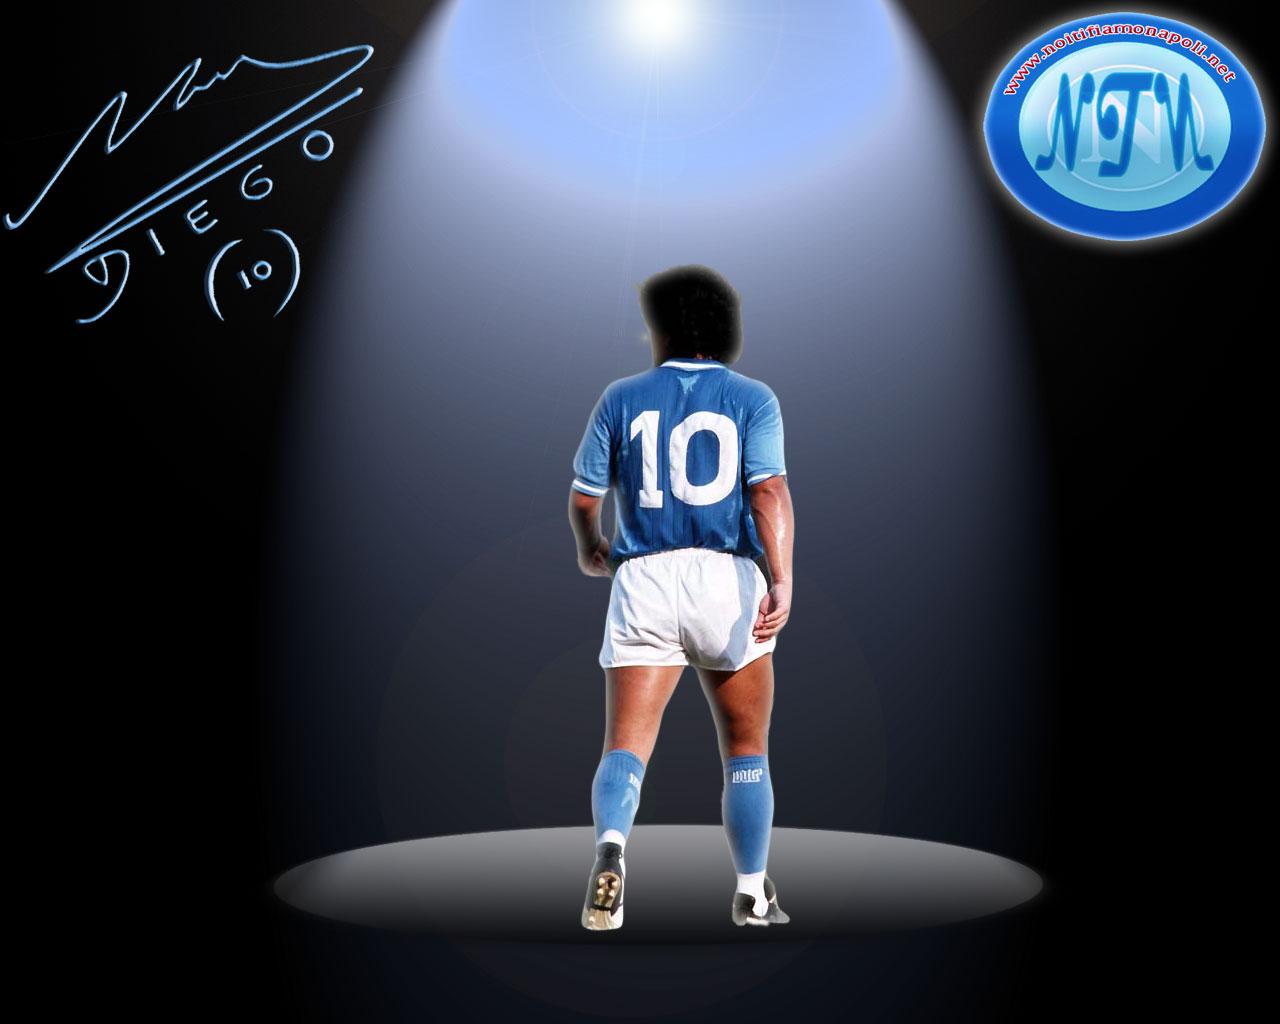 http://4.bp.blogspot.com/-4uRNC2II0ko/T8jDZeXIMlI/AAAAAAAAD2Y/Oiy3BStbuao/s1600/Diego+Maradona+HD+Wallpapers+05.jpg